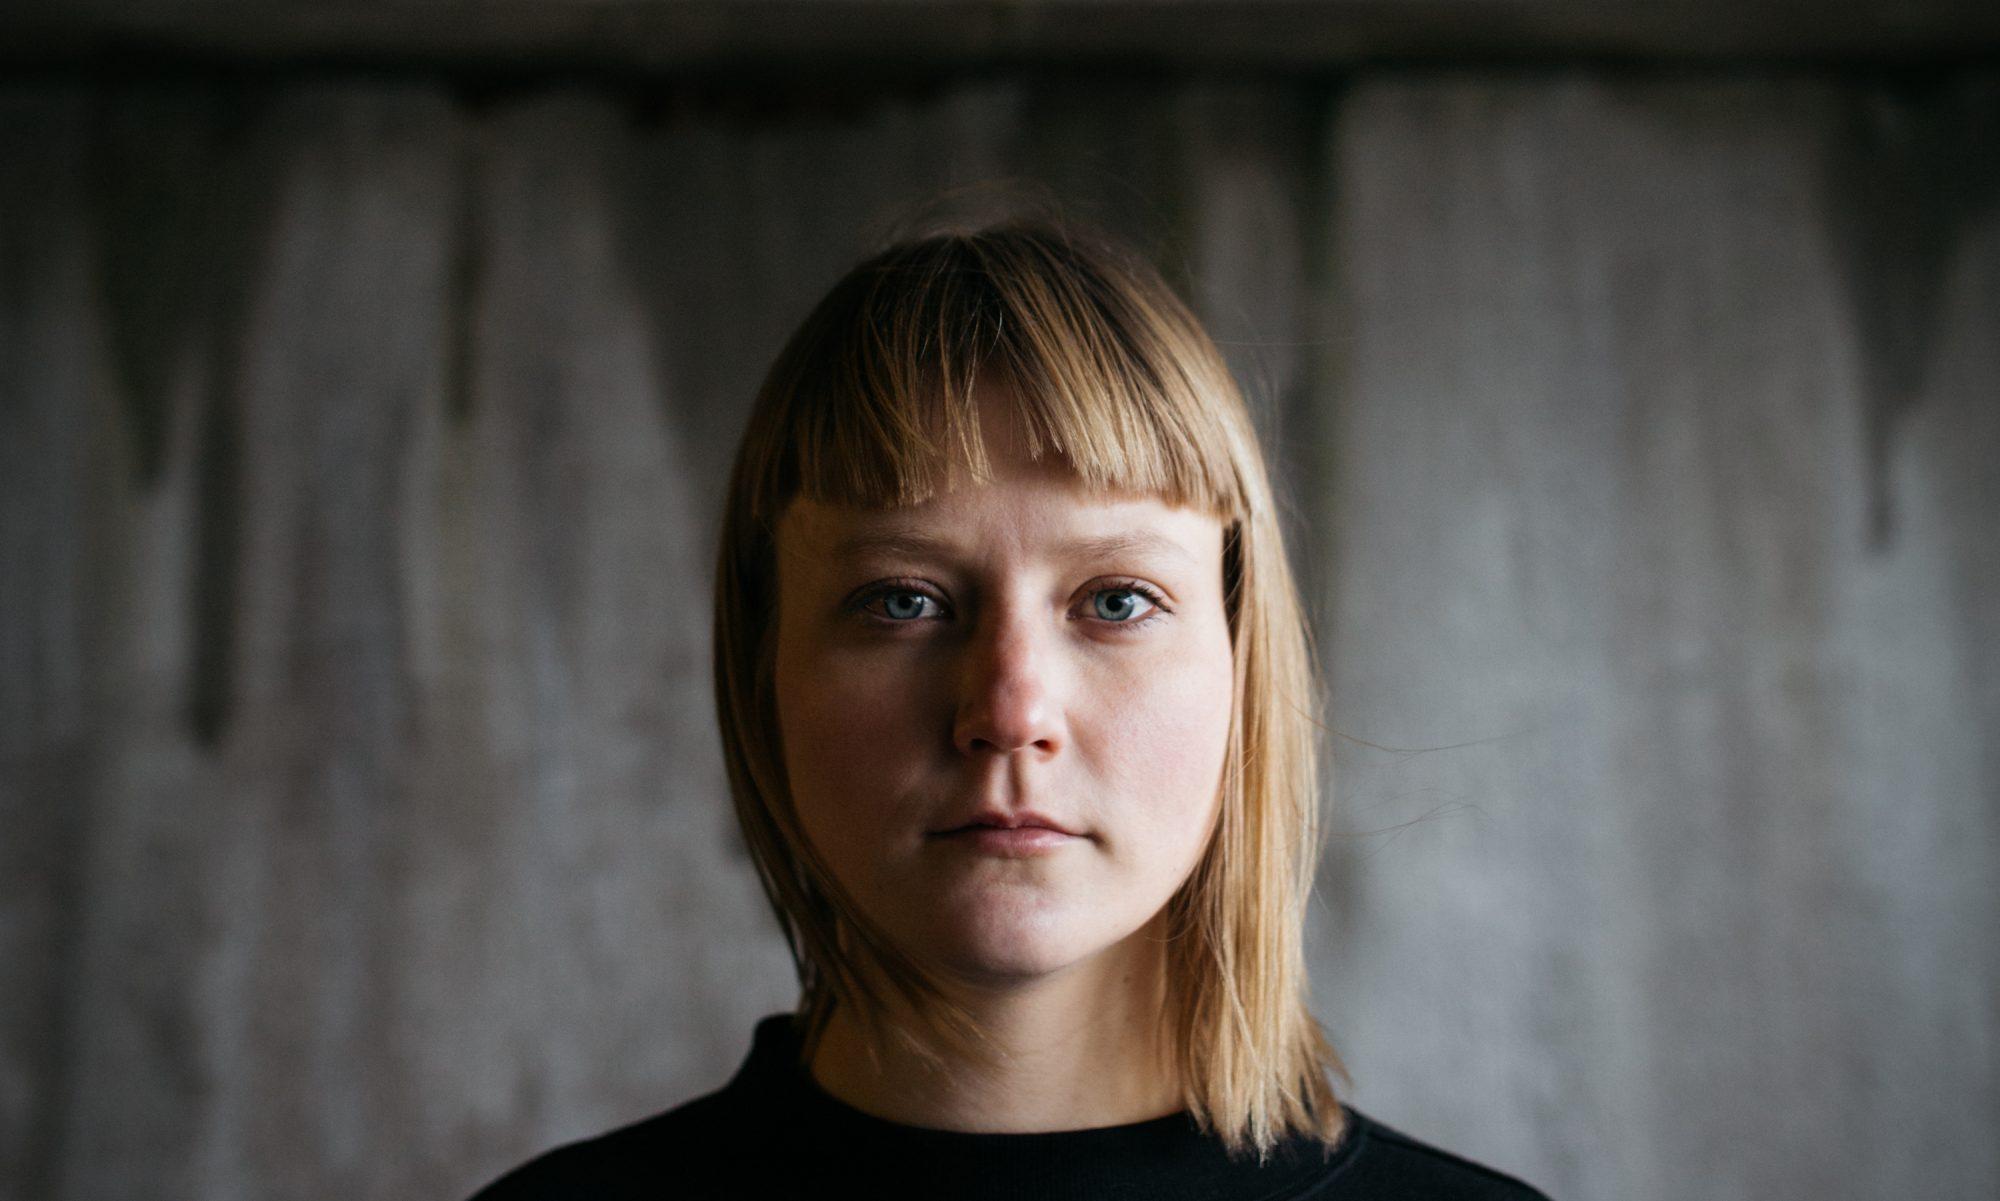 Anna-Sofia Anttonen